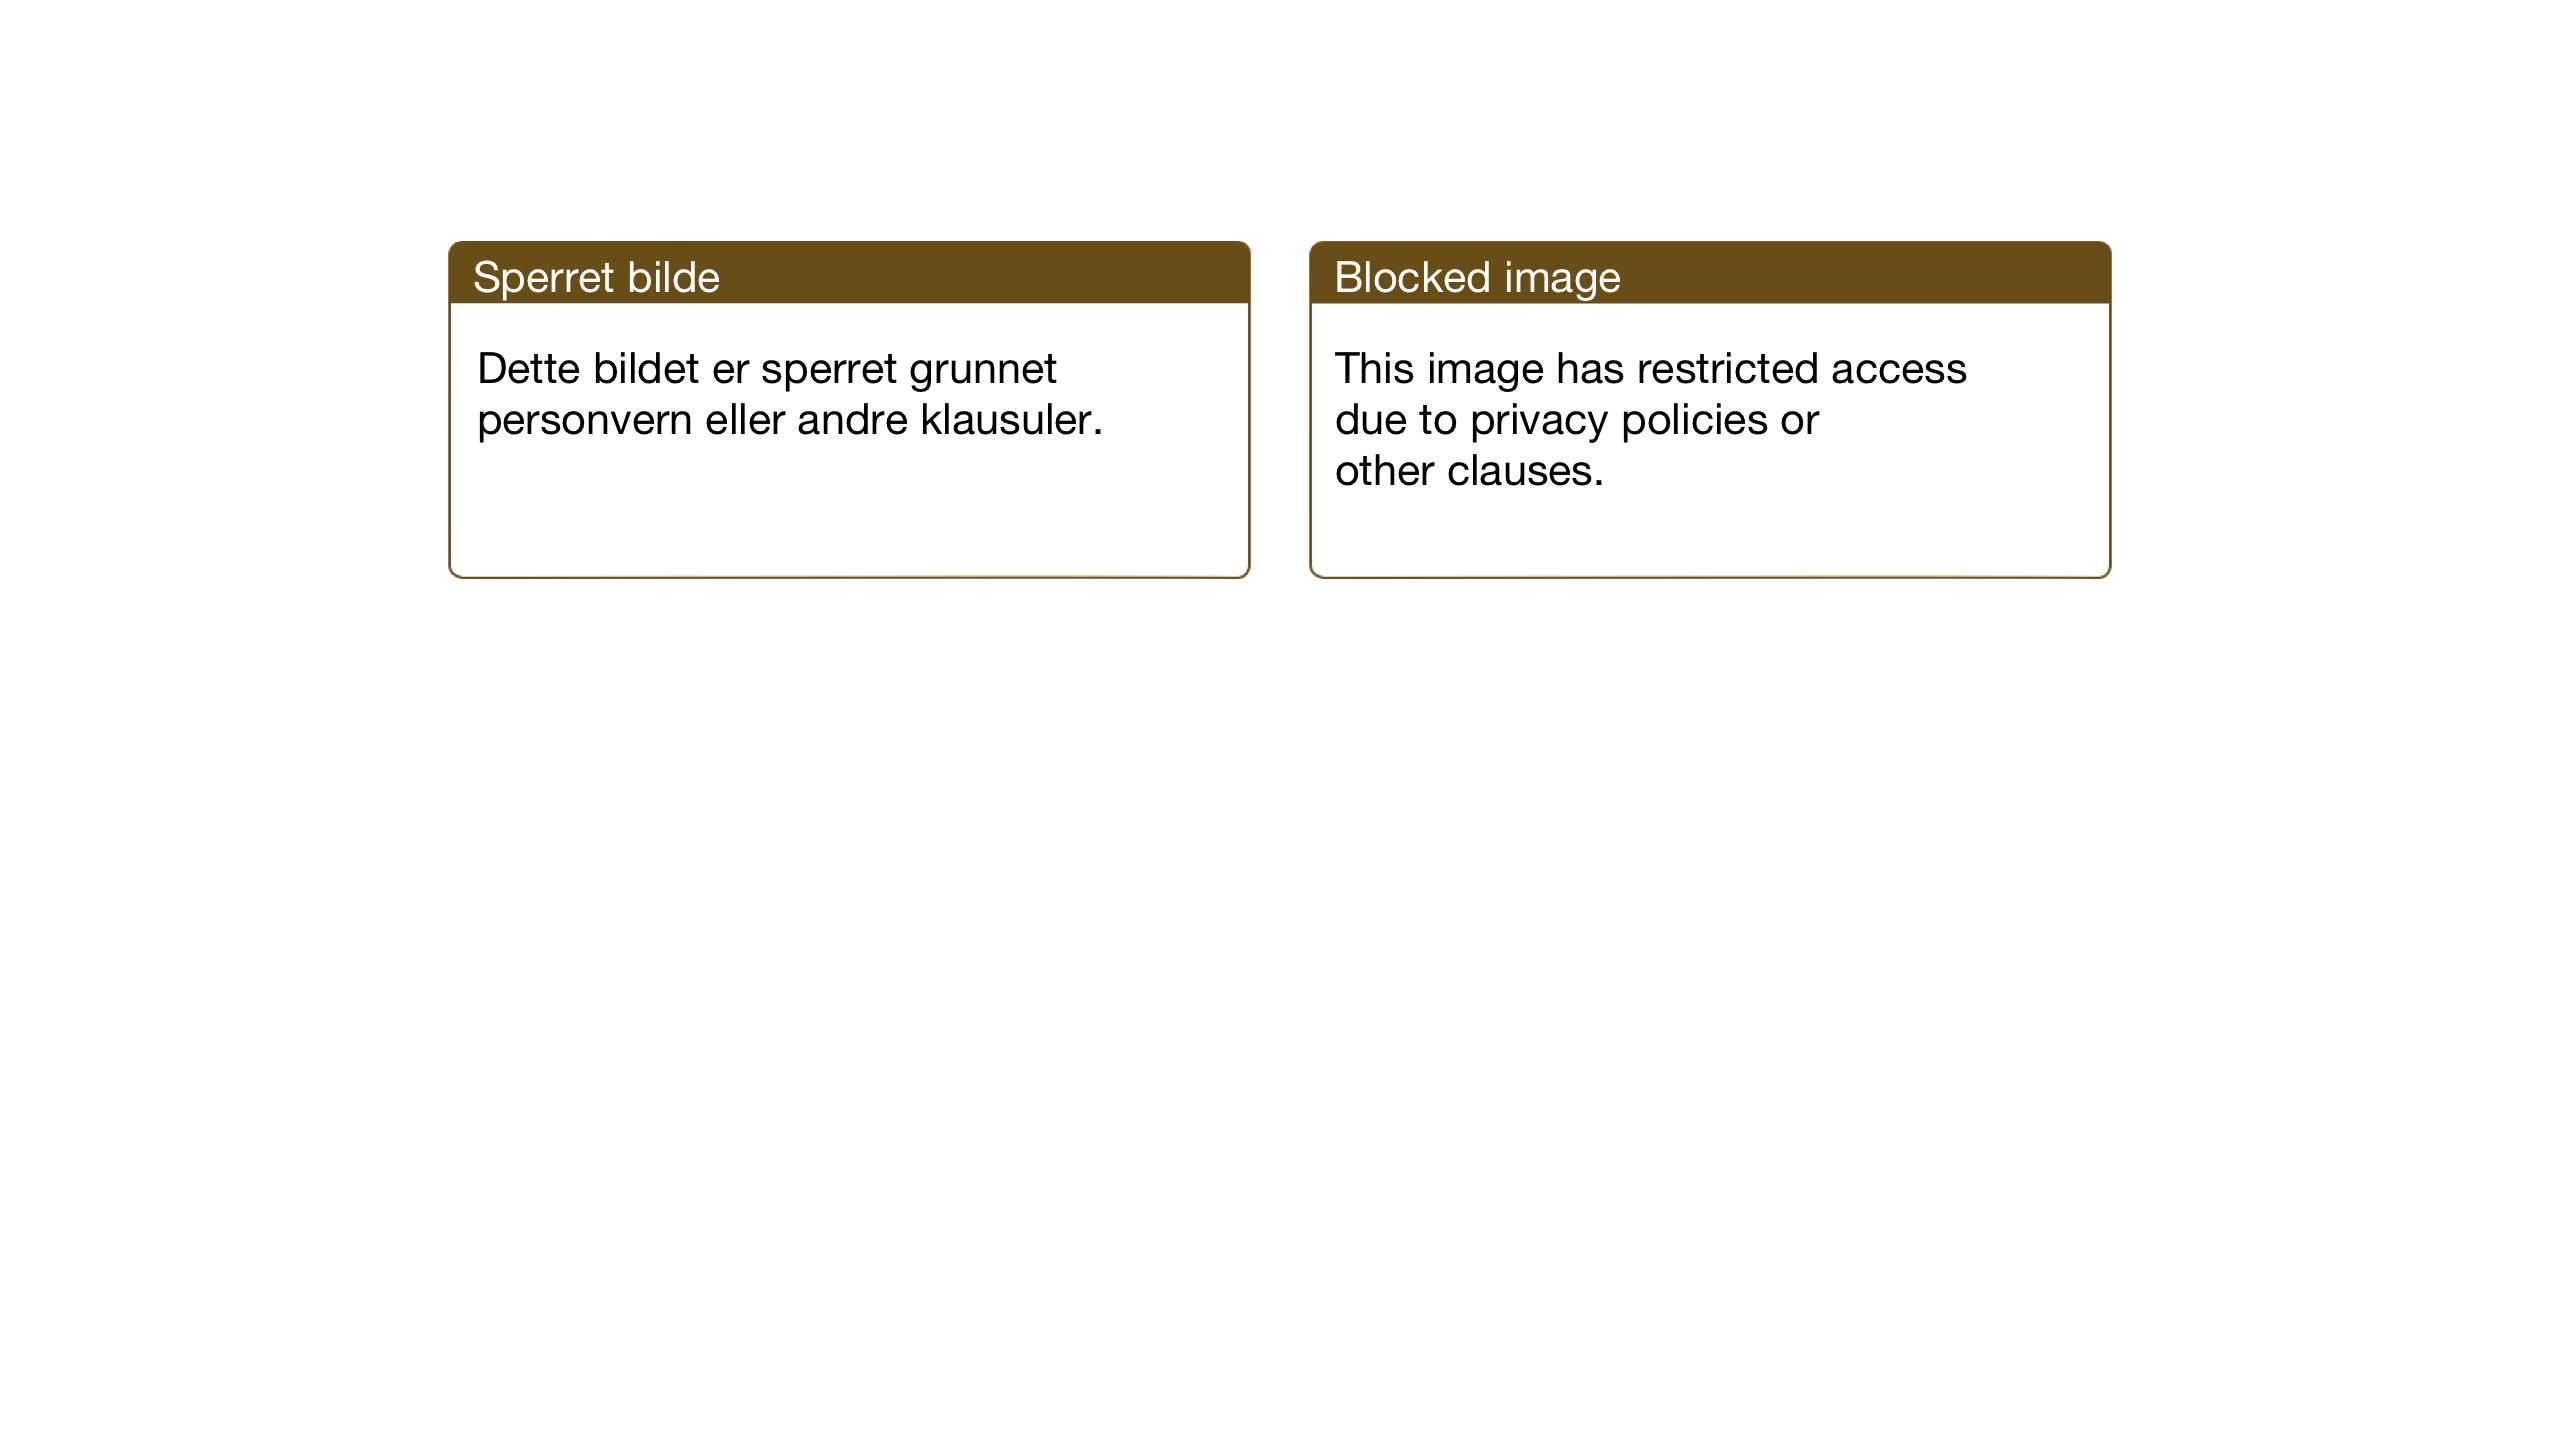 SAT, Ministerialprotokoller, klokkerbøker og fødselsregistre - Nord-Trøndelag, 741/L0403: Ministerialbok nr. 741C04, 1925-1944, s. 110